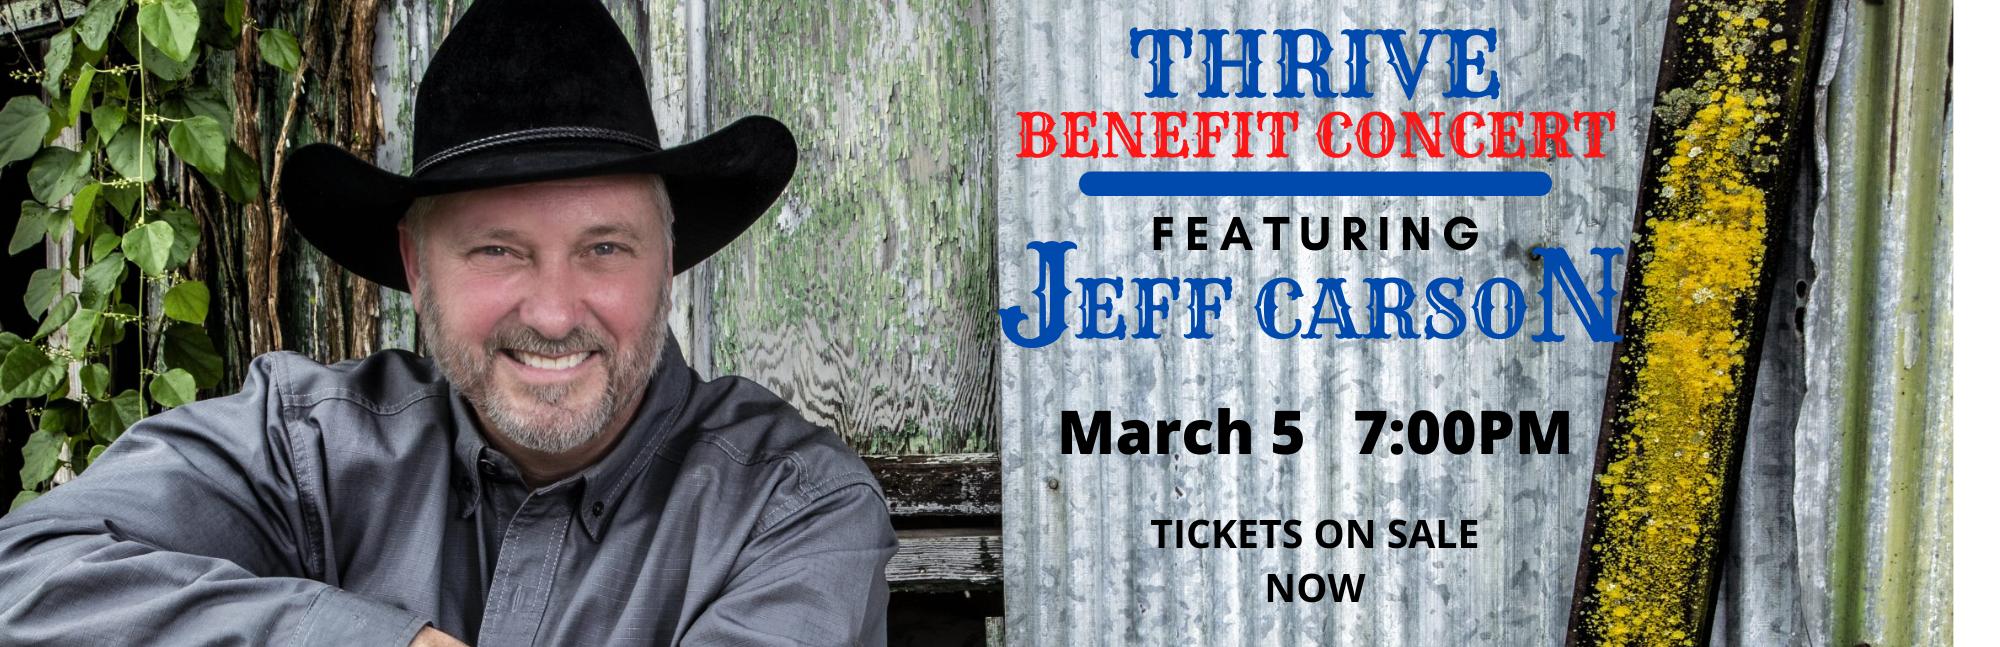 Benefit Concert - Jeff Carson